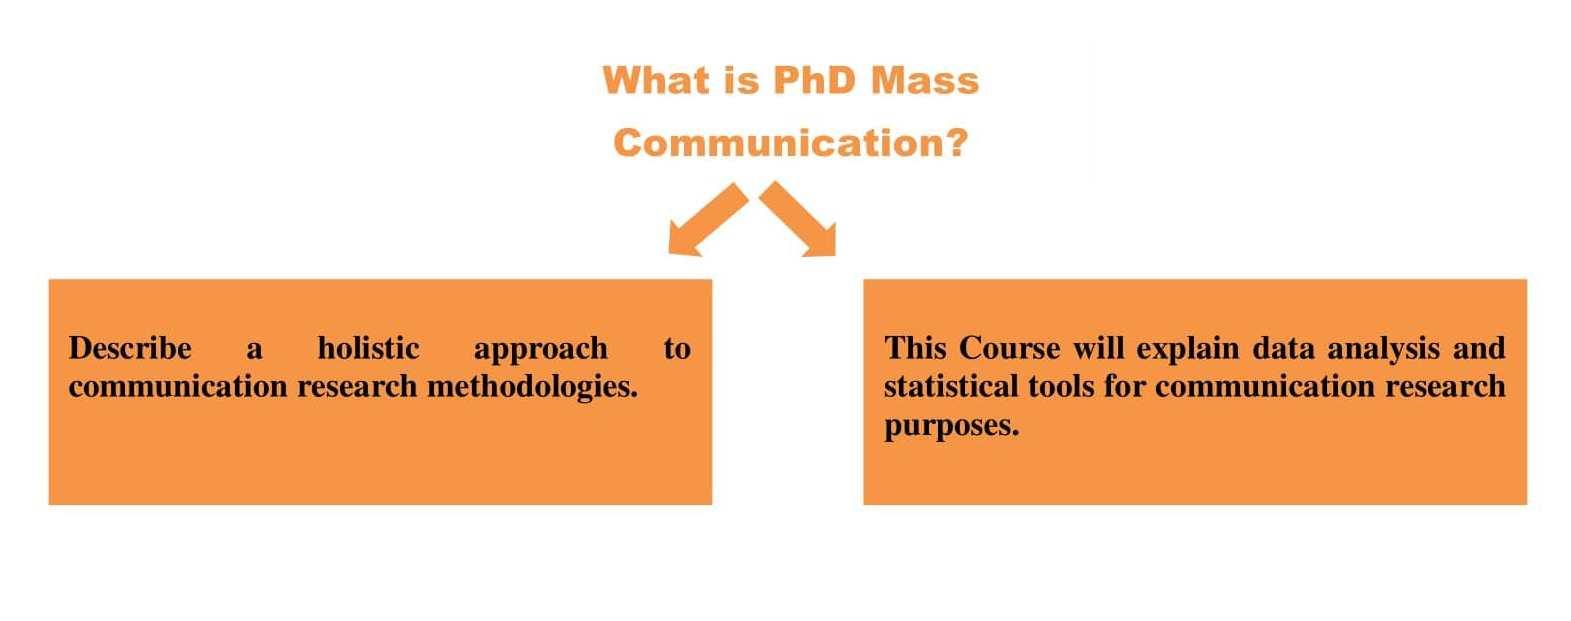 PhD Mass Communication